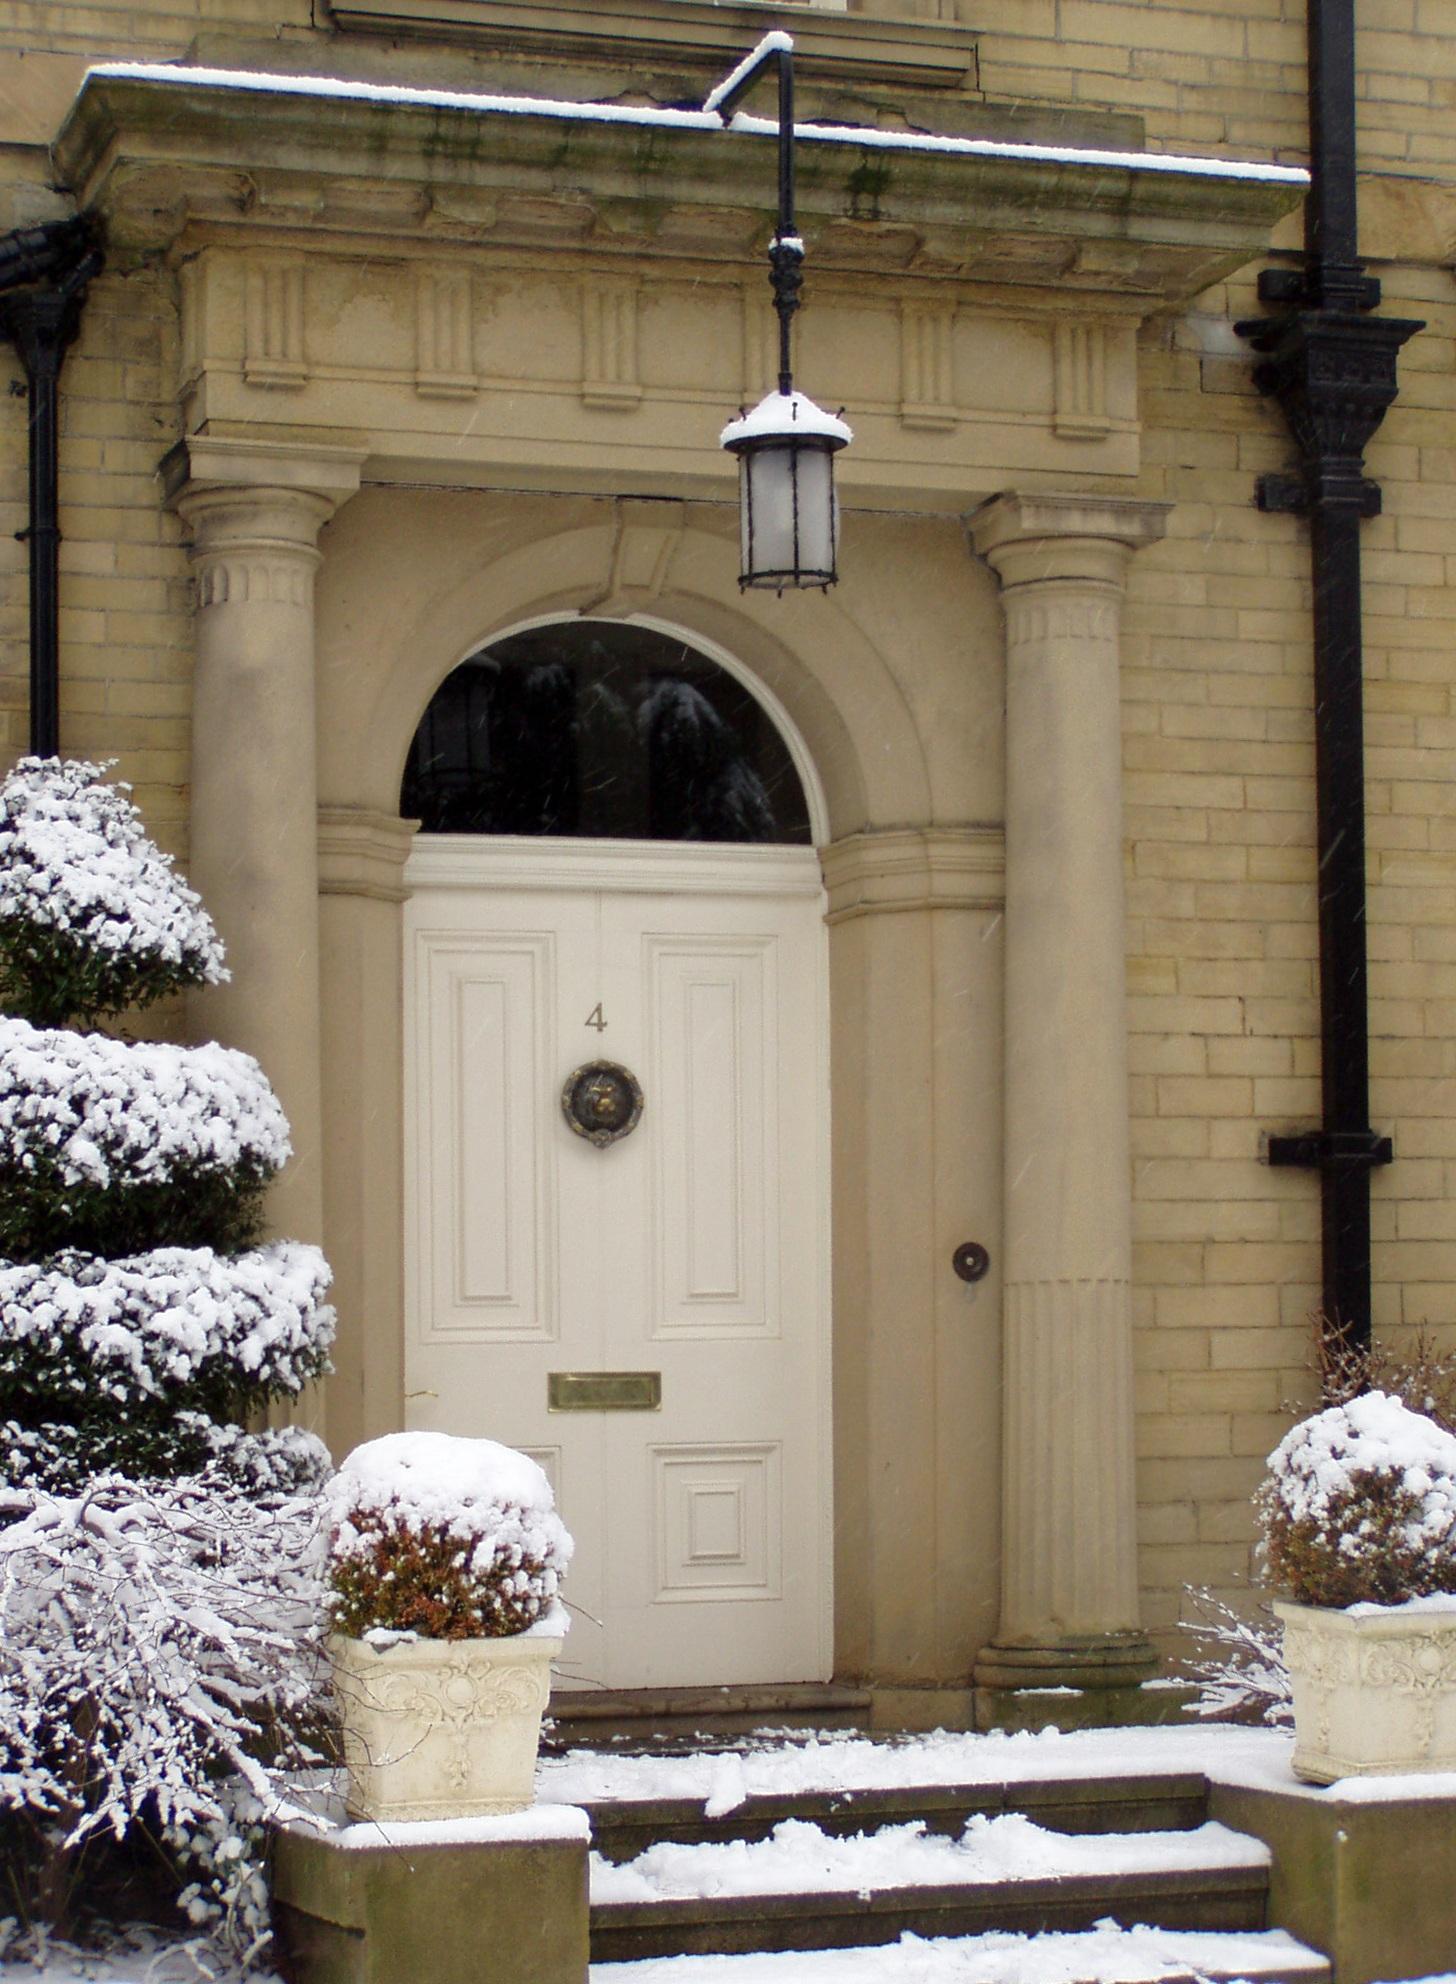 Connu Images Gratuites : neige, hiver, vieux, cambre, colonne, chapelle  EH15